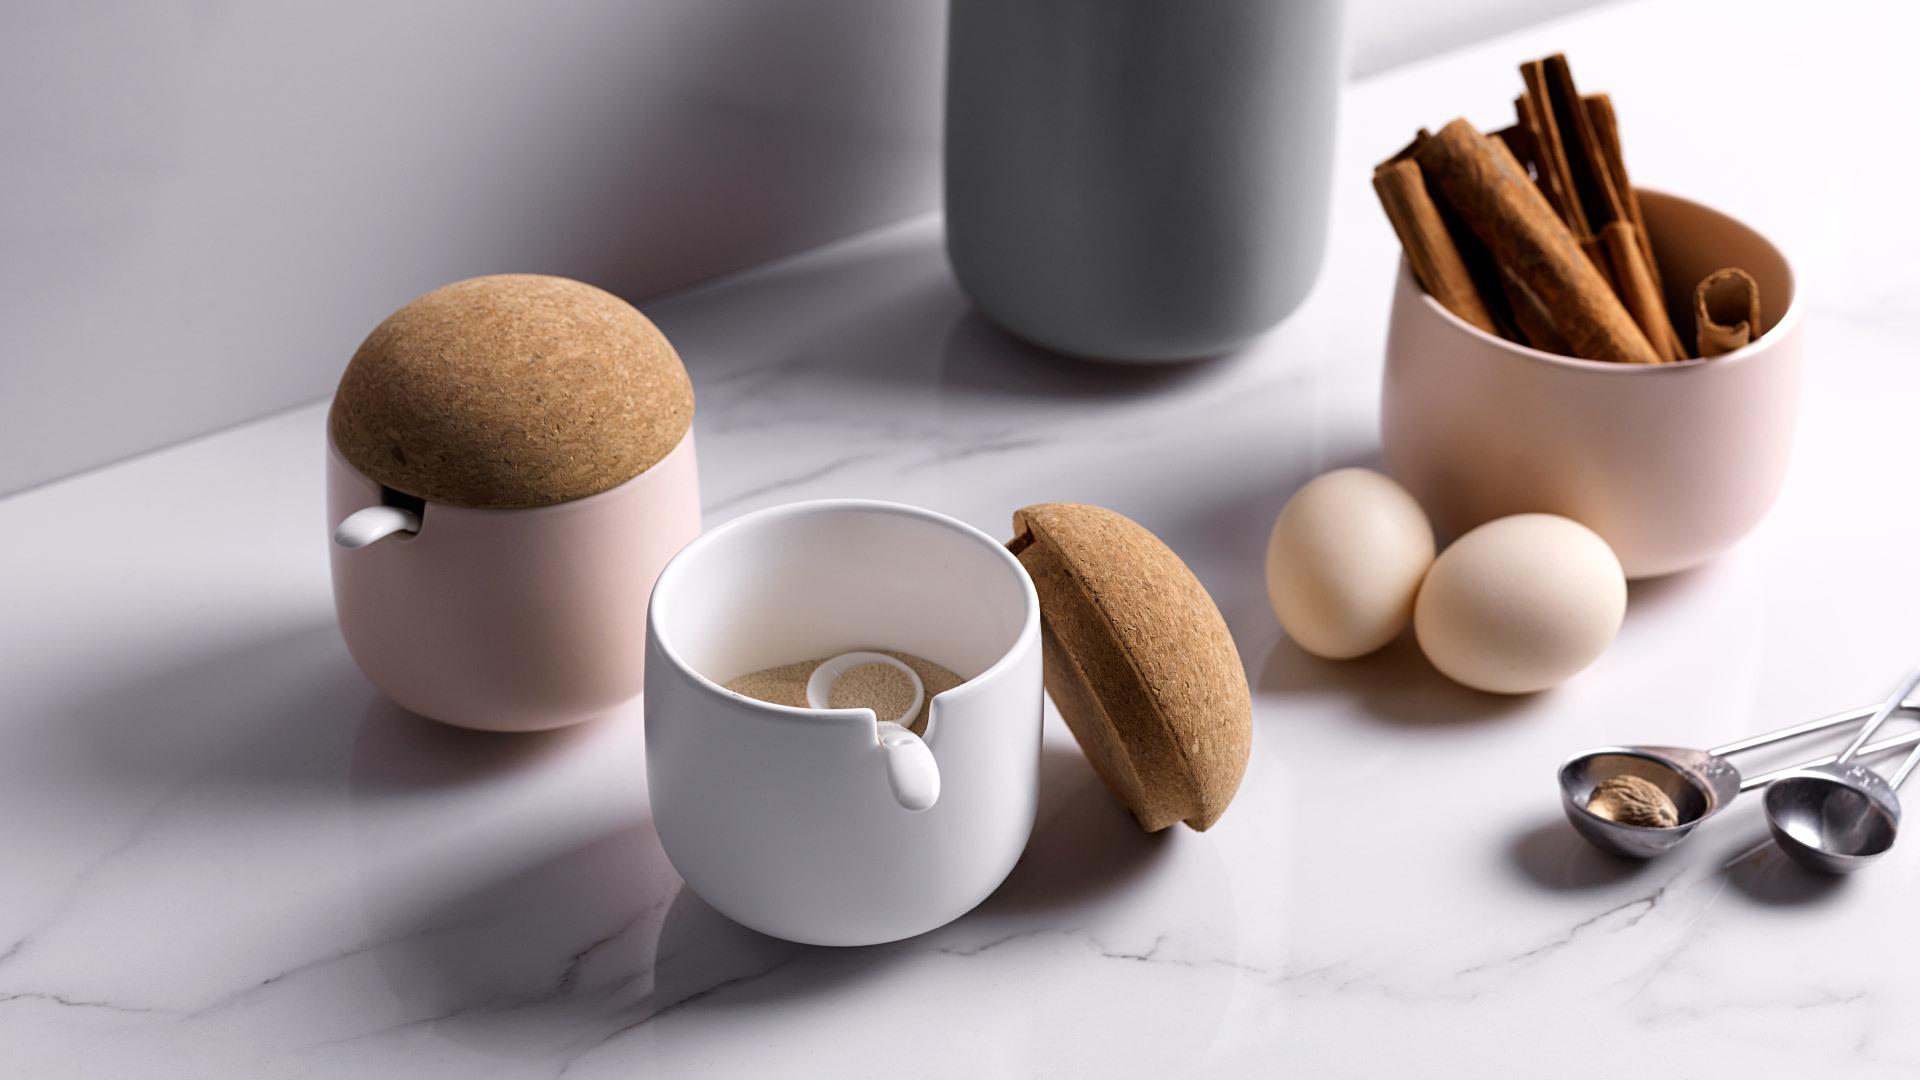 蘑菇调料罐 | Mushroom Jar